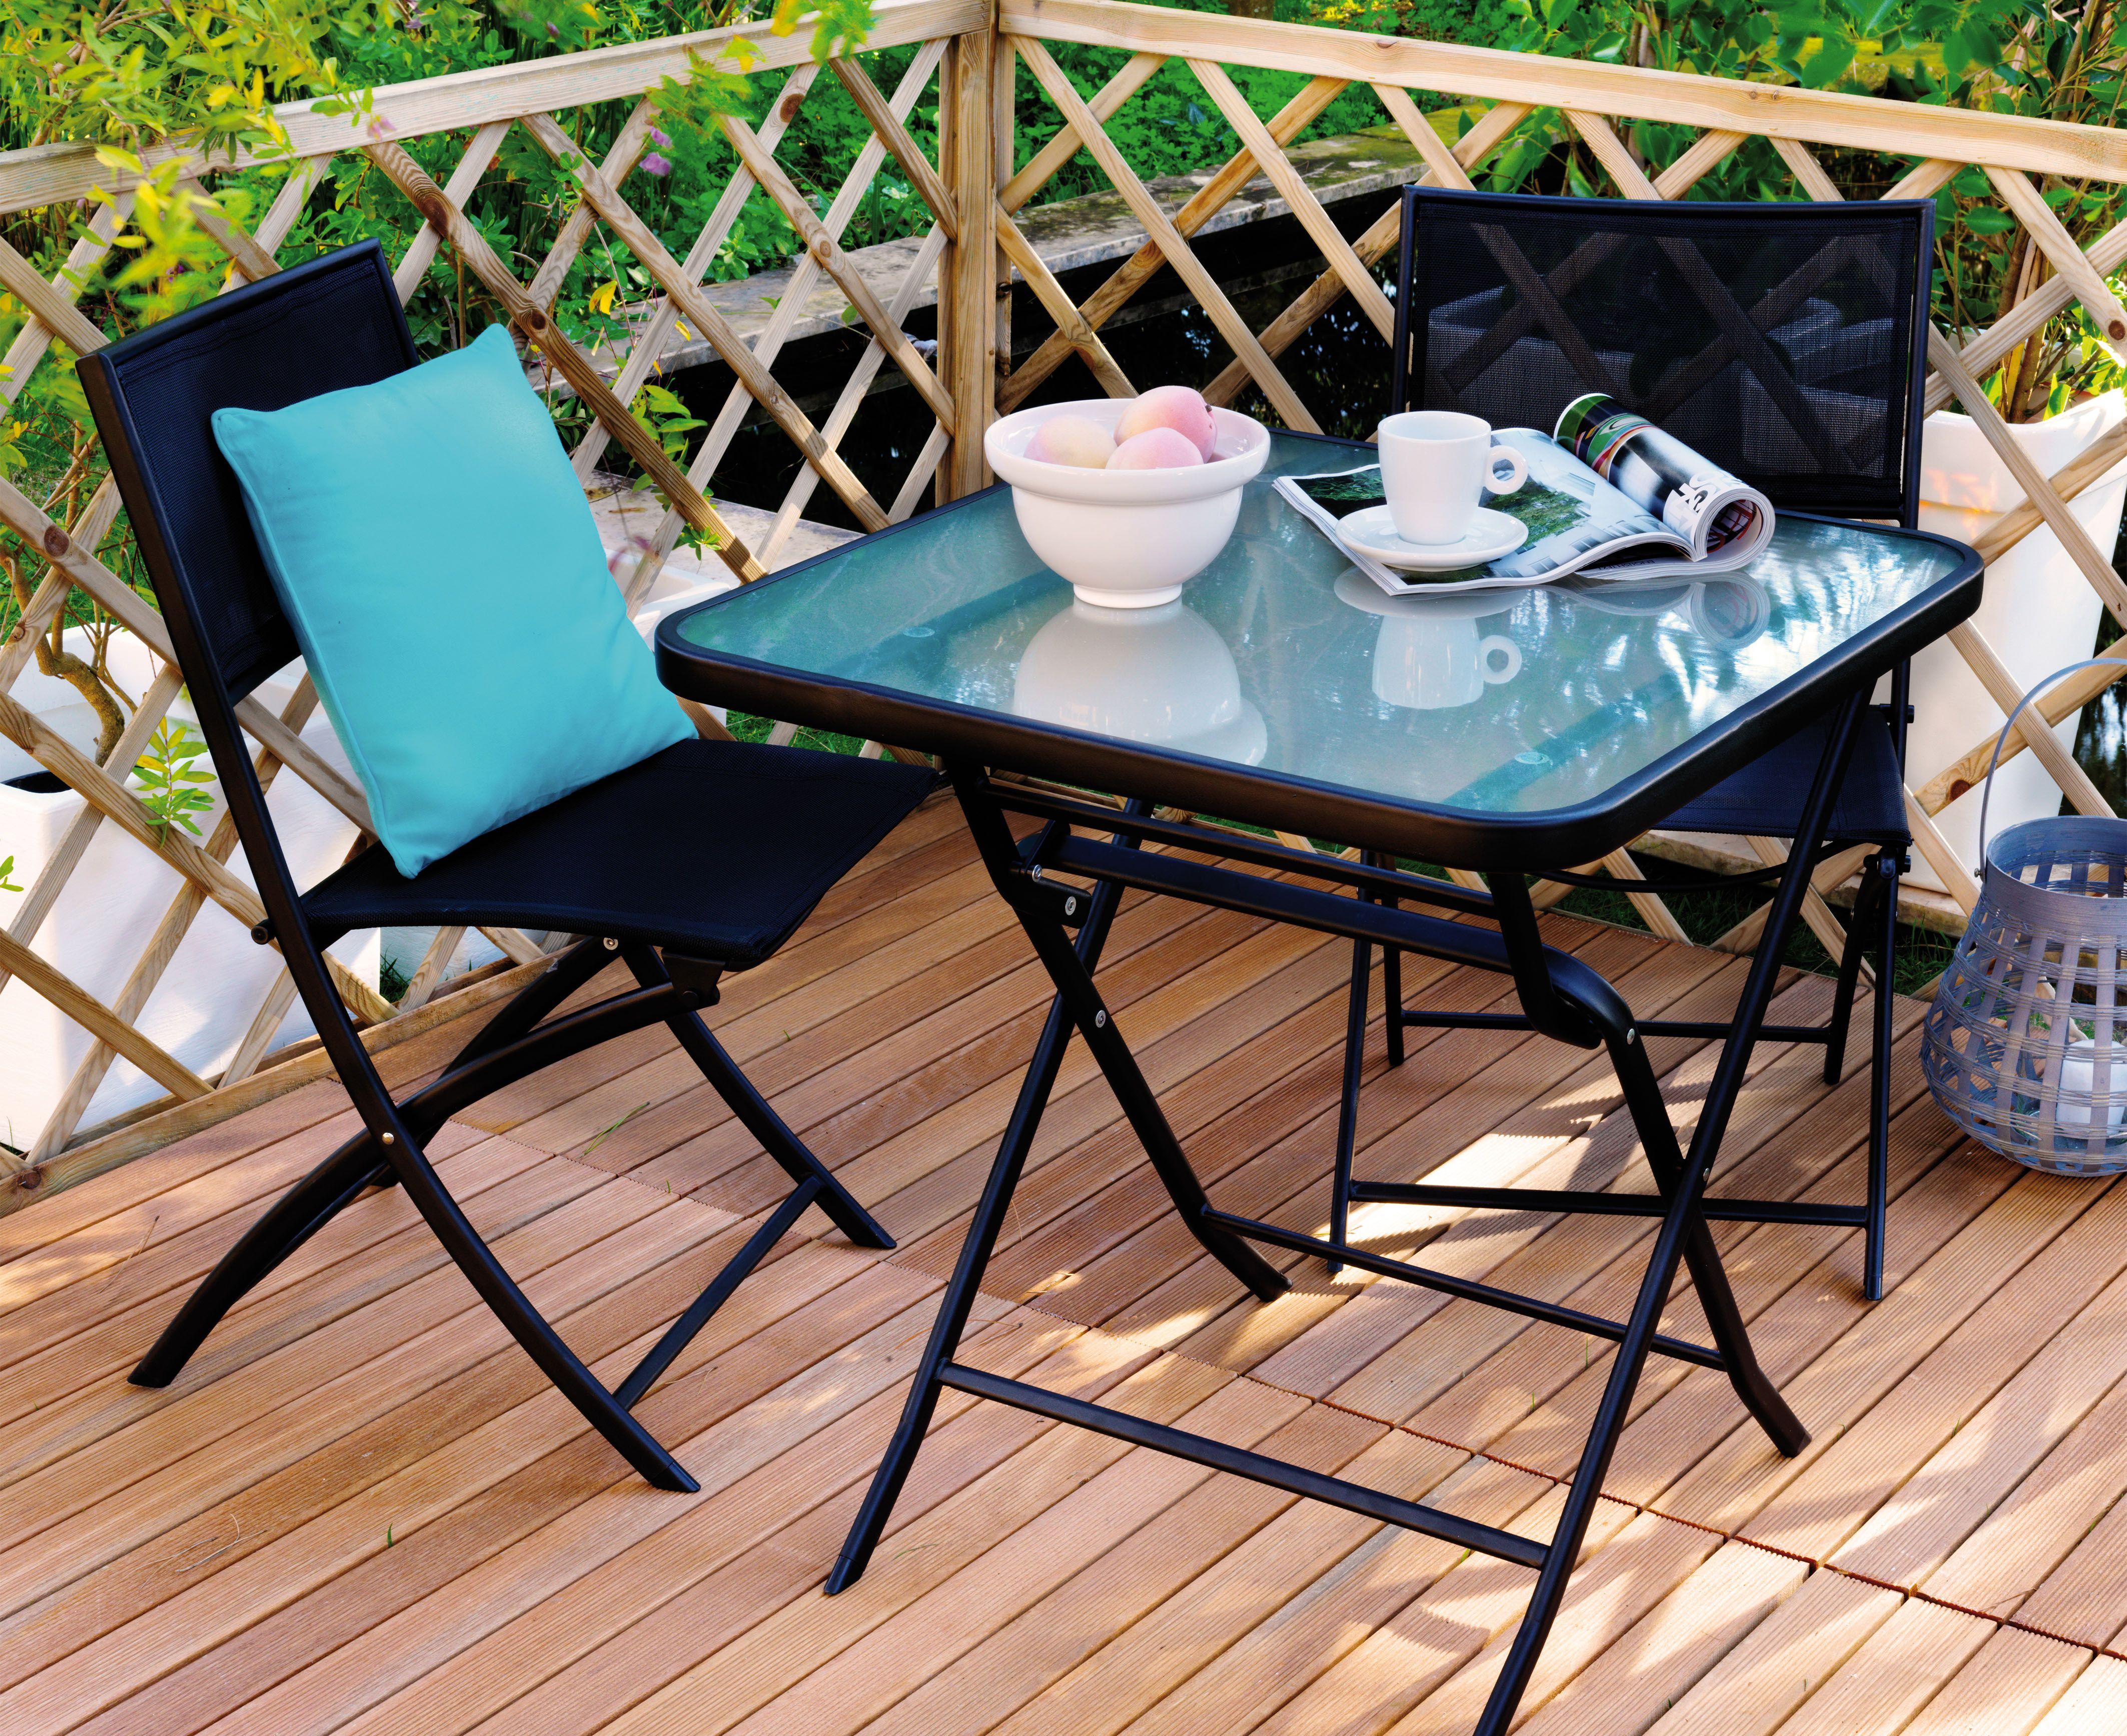 Aki Bricolaje Jardineria Y Decoracion Mueble De Balcon Capri Su